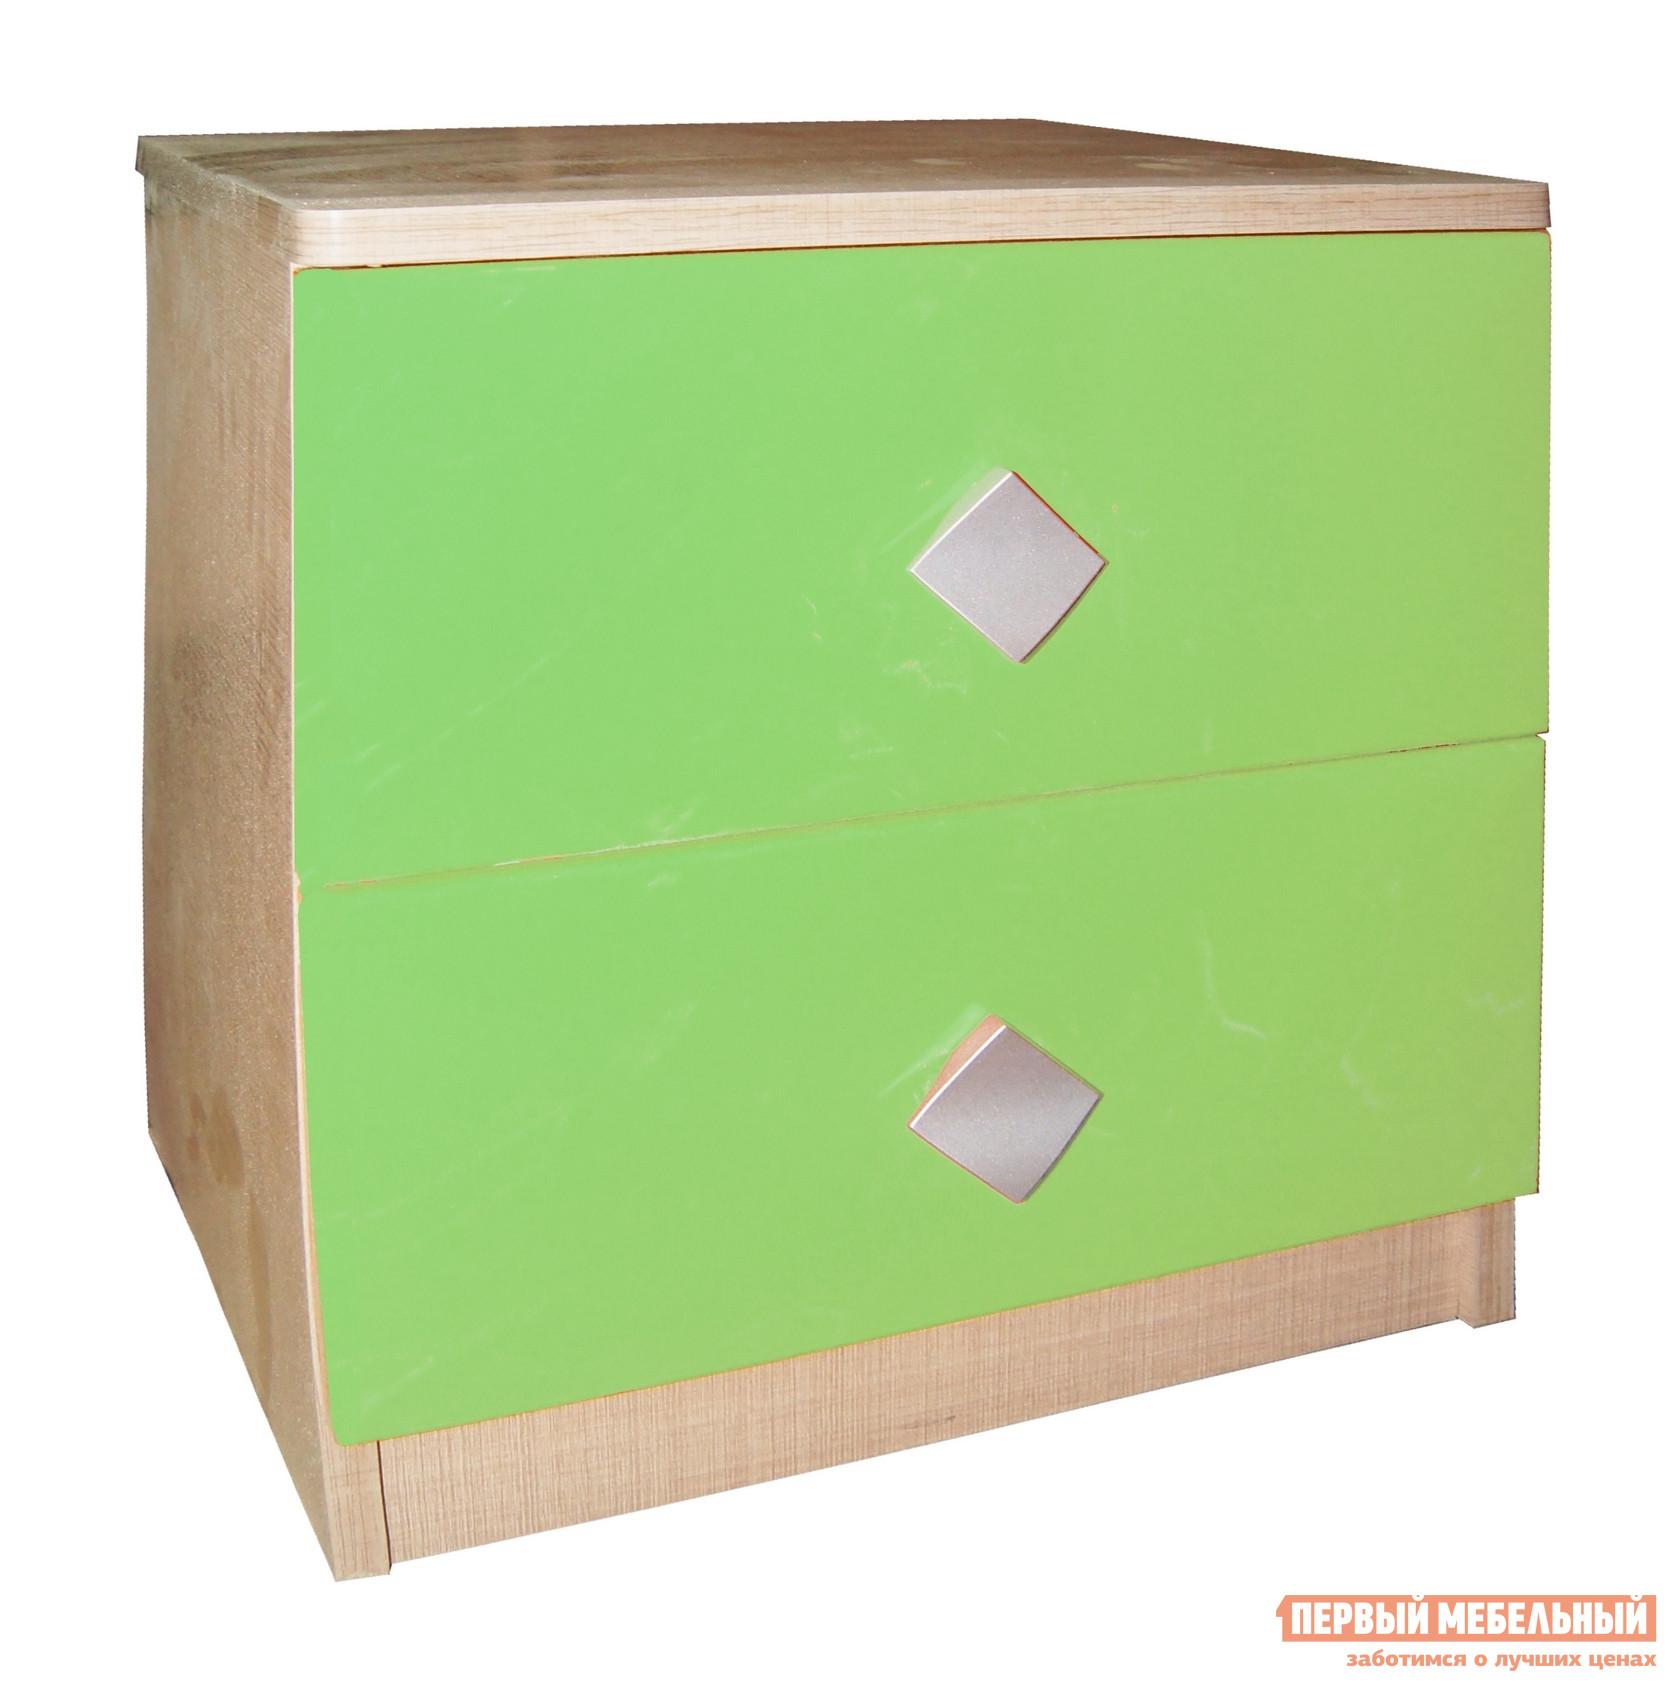 Прикроватная тумбочка МО РОСТ Жили-были Мадейра / Зеленый глянецПрикроватные тумбочки<br>Габаритные размеры ВхШхГ 400x456x350 мм. Небольшая прикроватная тумба — прекрасное дополнение к кровати.  Модель имеет два выдвижных ящика для разных мелочей, а на столешнице можно расставить нужные под рукой мелочи. Тумба изготавливается из ЛДСП.<br><br>Цвет: Зеленый<br>Высота мм: 400<br>Ширина мм: 456<br>Глубина мм: 350<br>Кол-во упаковок: 2<br>Форма поставки: В разобранном виде<br>Срок гарантии: 1 год<br>Материал: Дерево<br>Материал: ЛДСП<br>2 ящика: Да